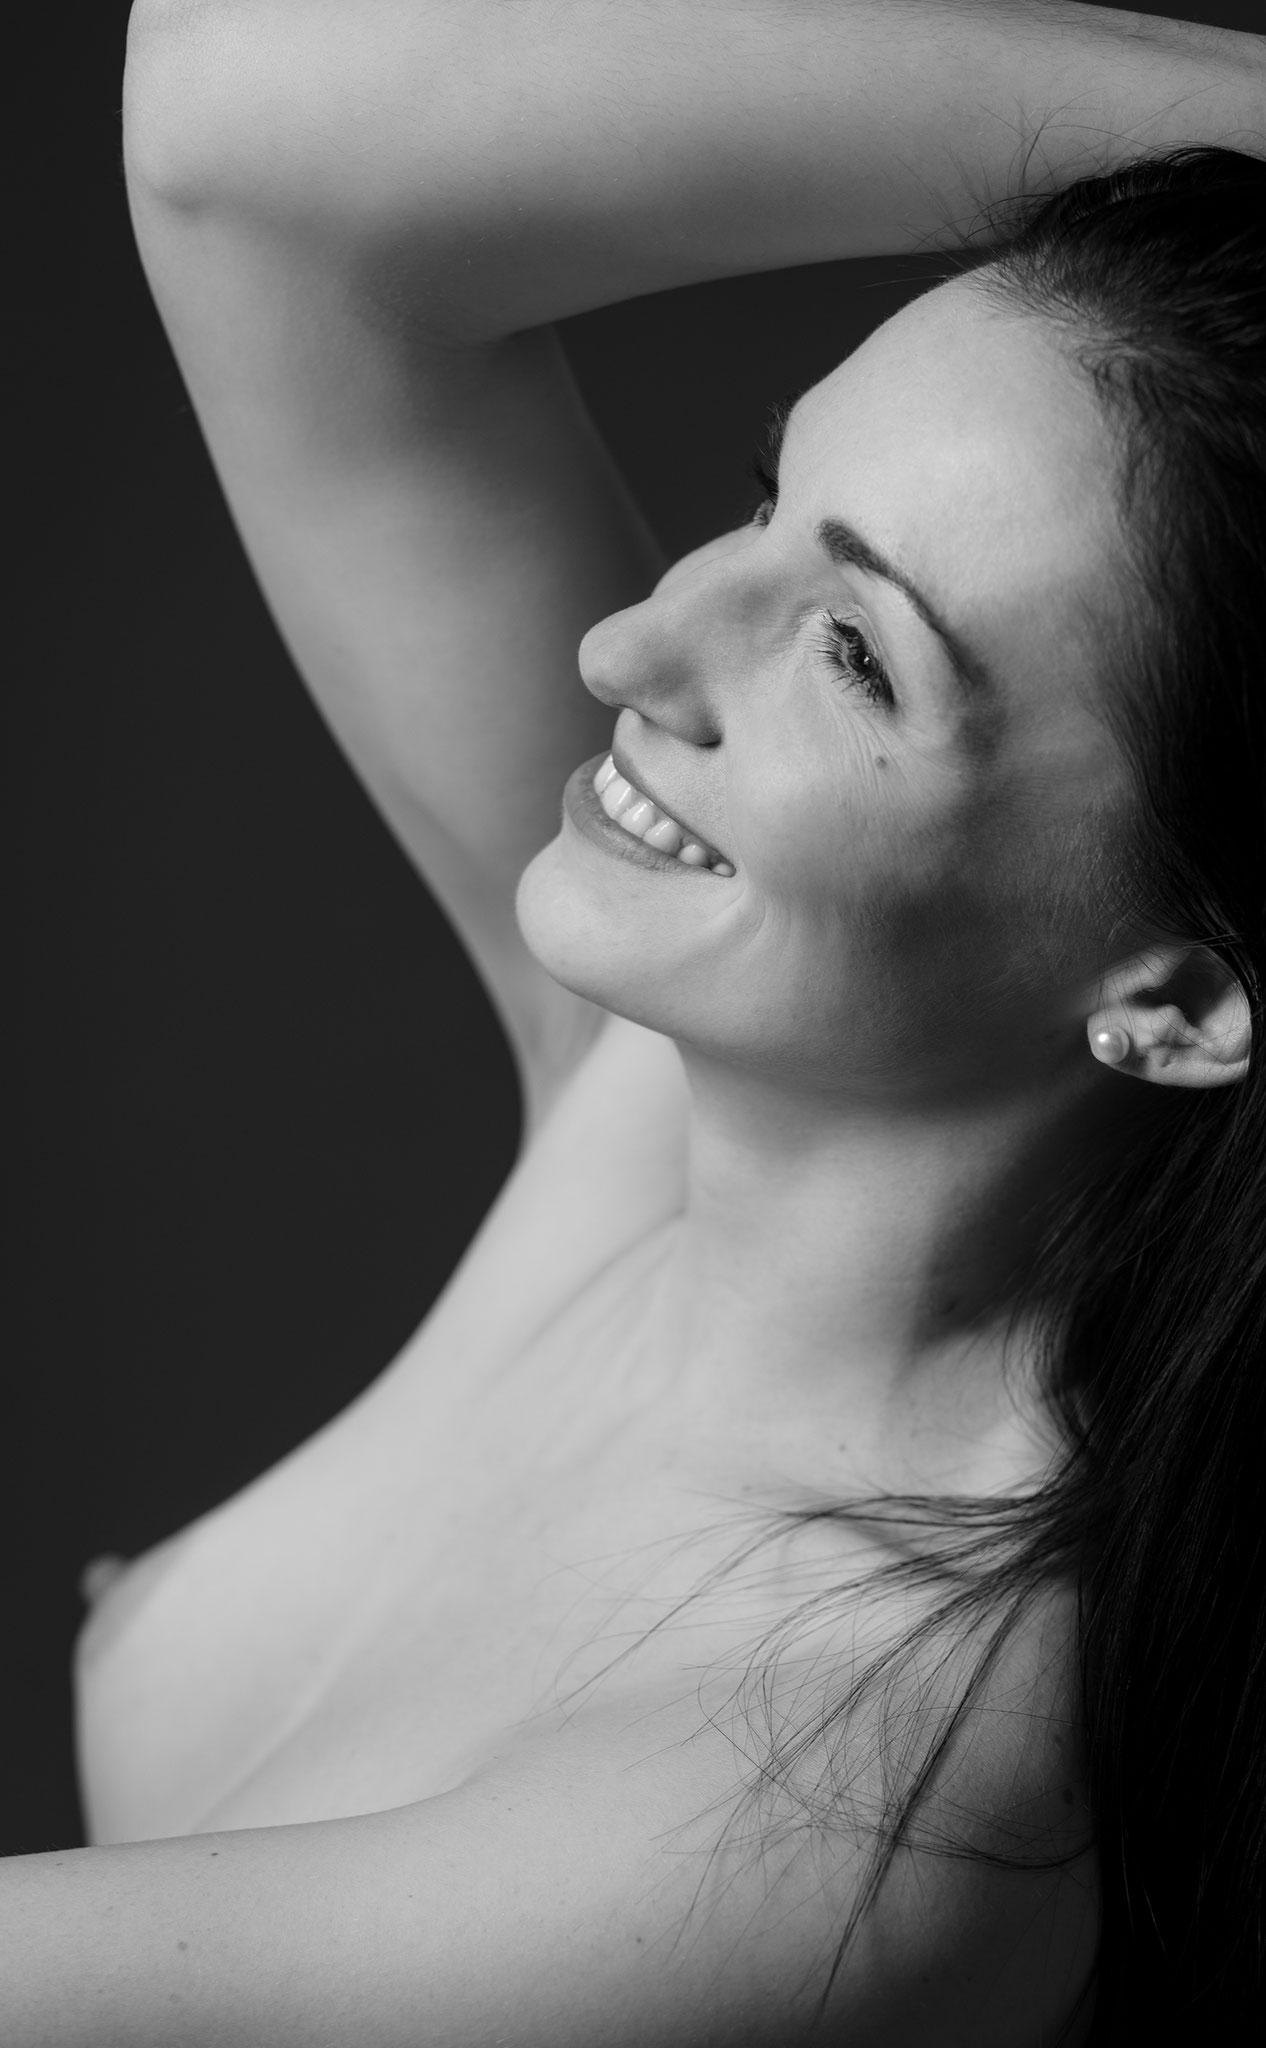 Süßes Lächeln und hübsche Brust - nackte Schönheit beim Aktshooting beim Fotorgafin Erlangen